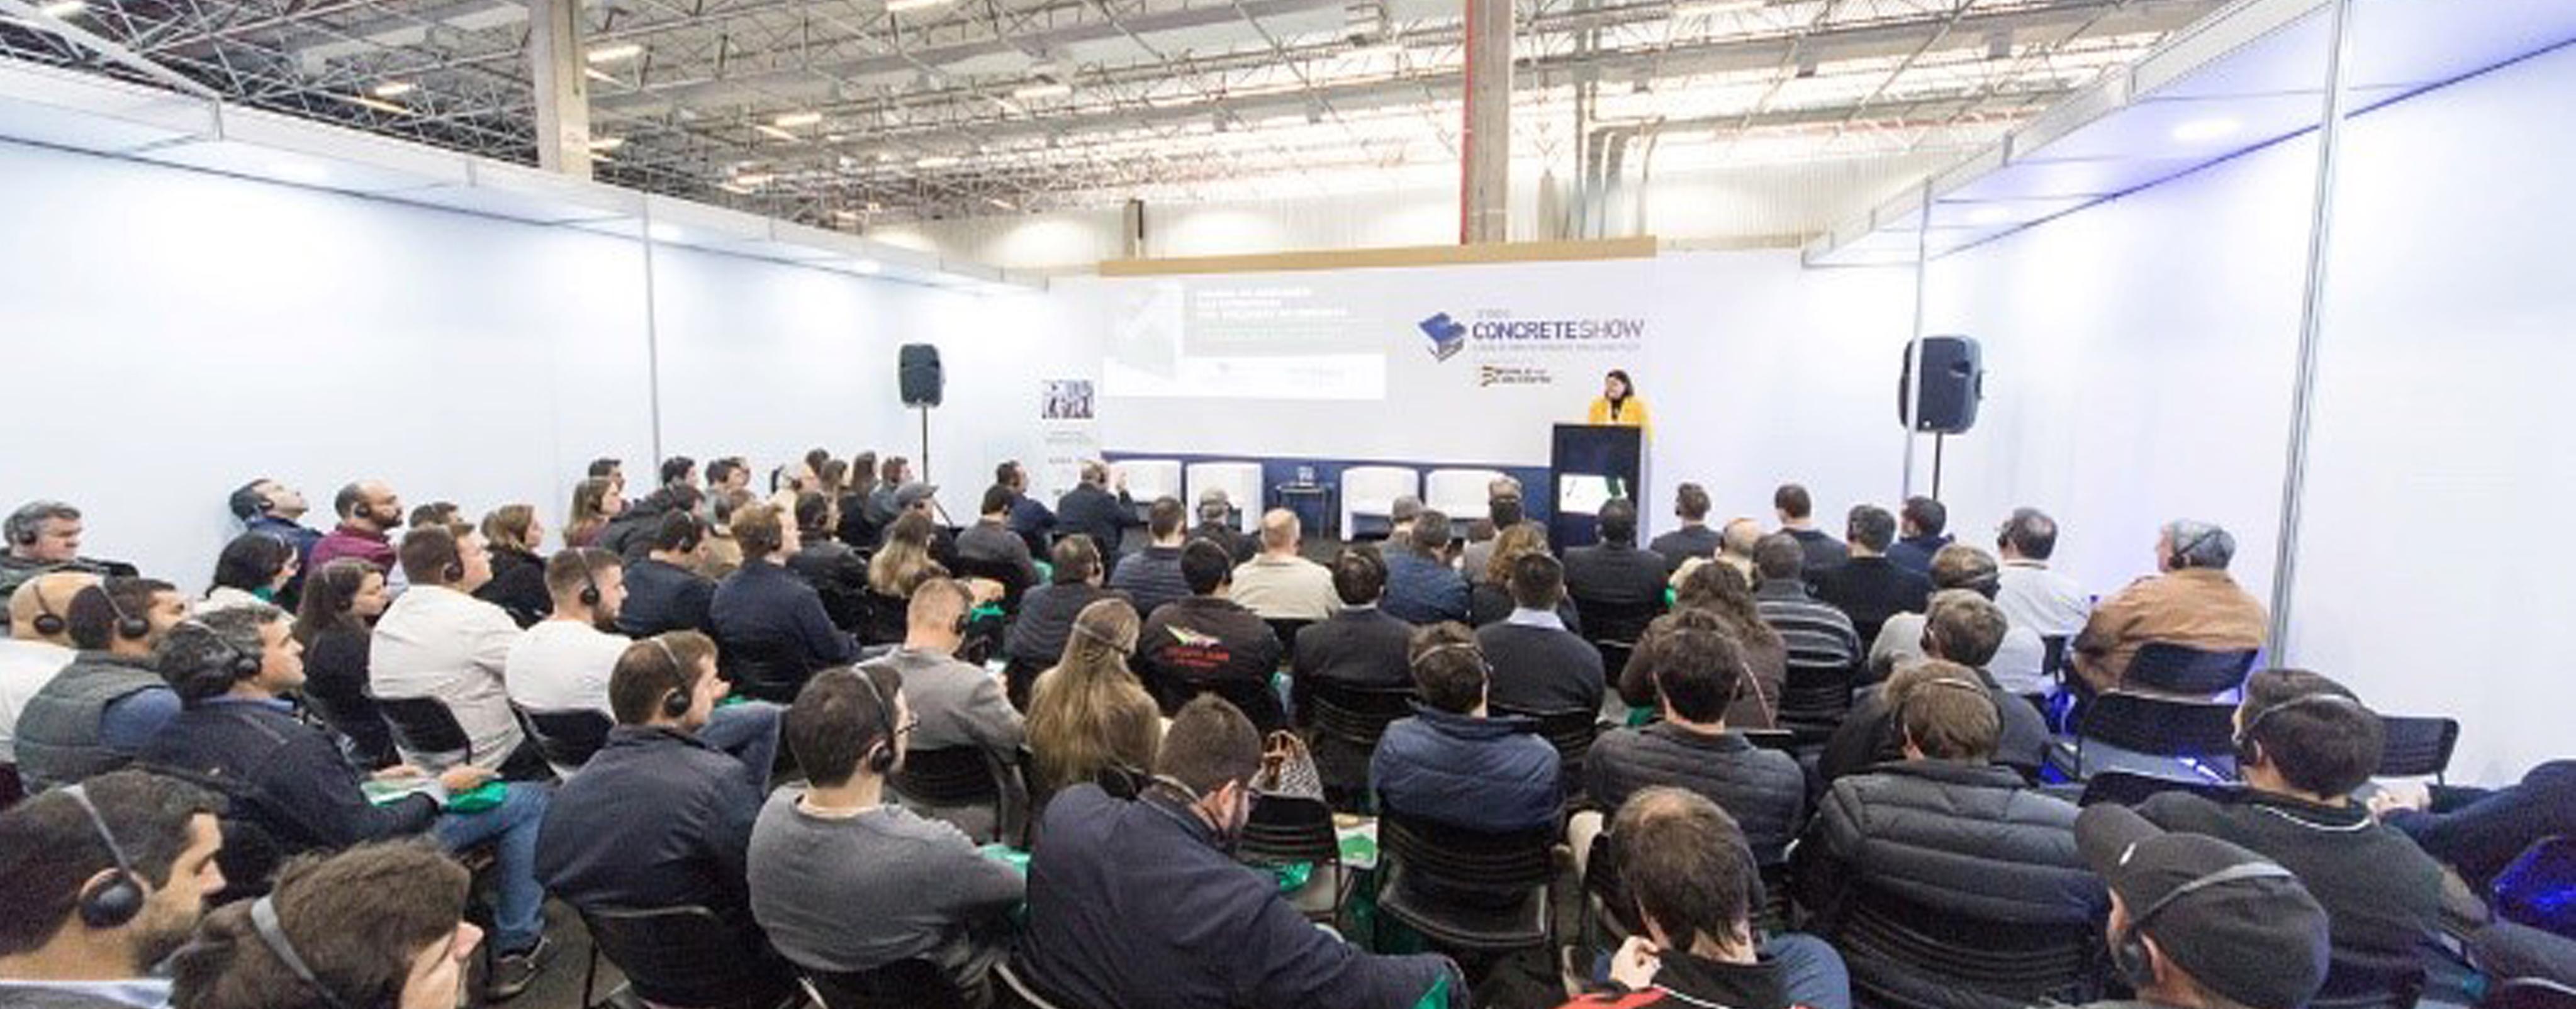 Íria Doniak, presidente executiva da Abcic faz abertura e moderação dos debates durante lançamento do Manual de Montagem de Estruturas Pré-Moldadas de Concreto